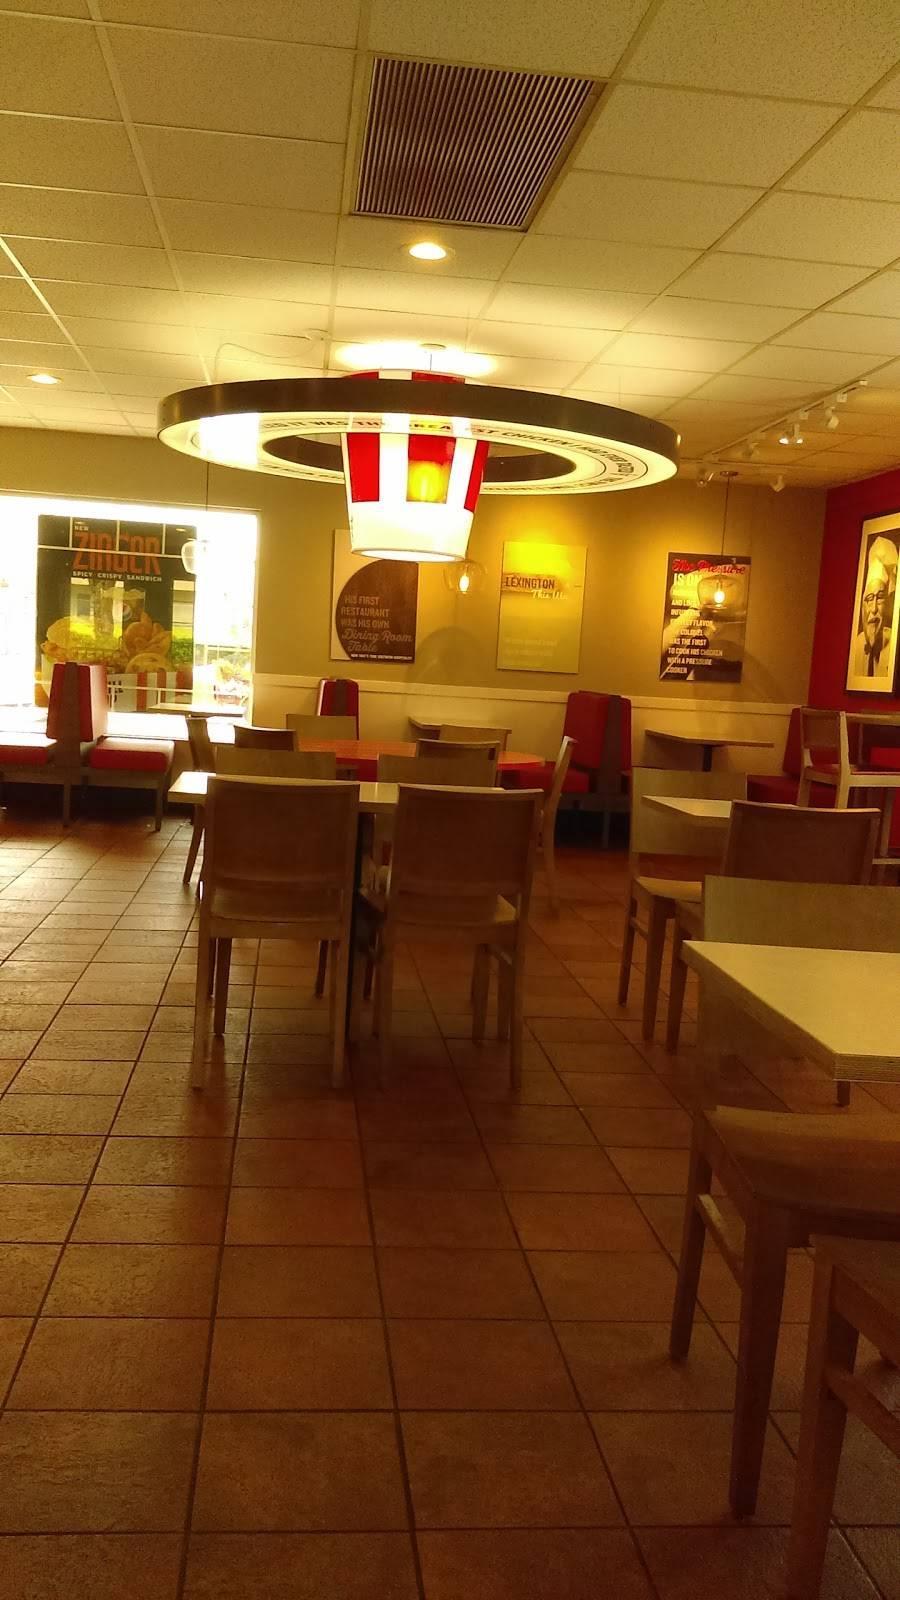 Long John Silvers | restaurant | 5681 Memorial Dr, Stone Mountain, GA 30083, USA | 4042920302 OR +1 404-292-0302